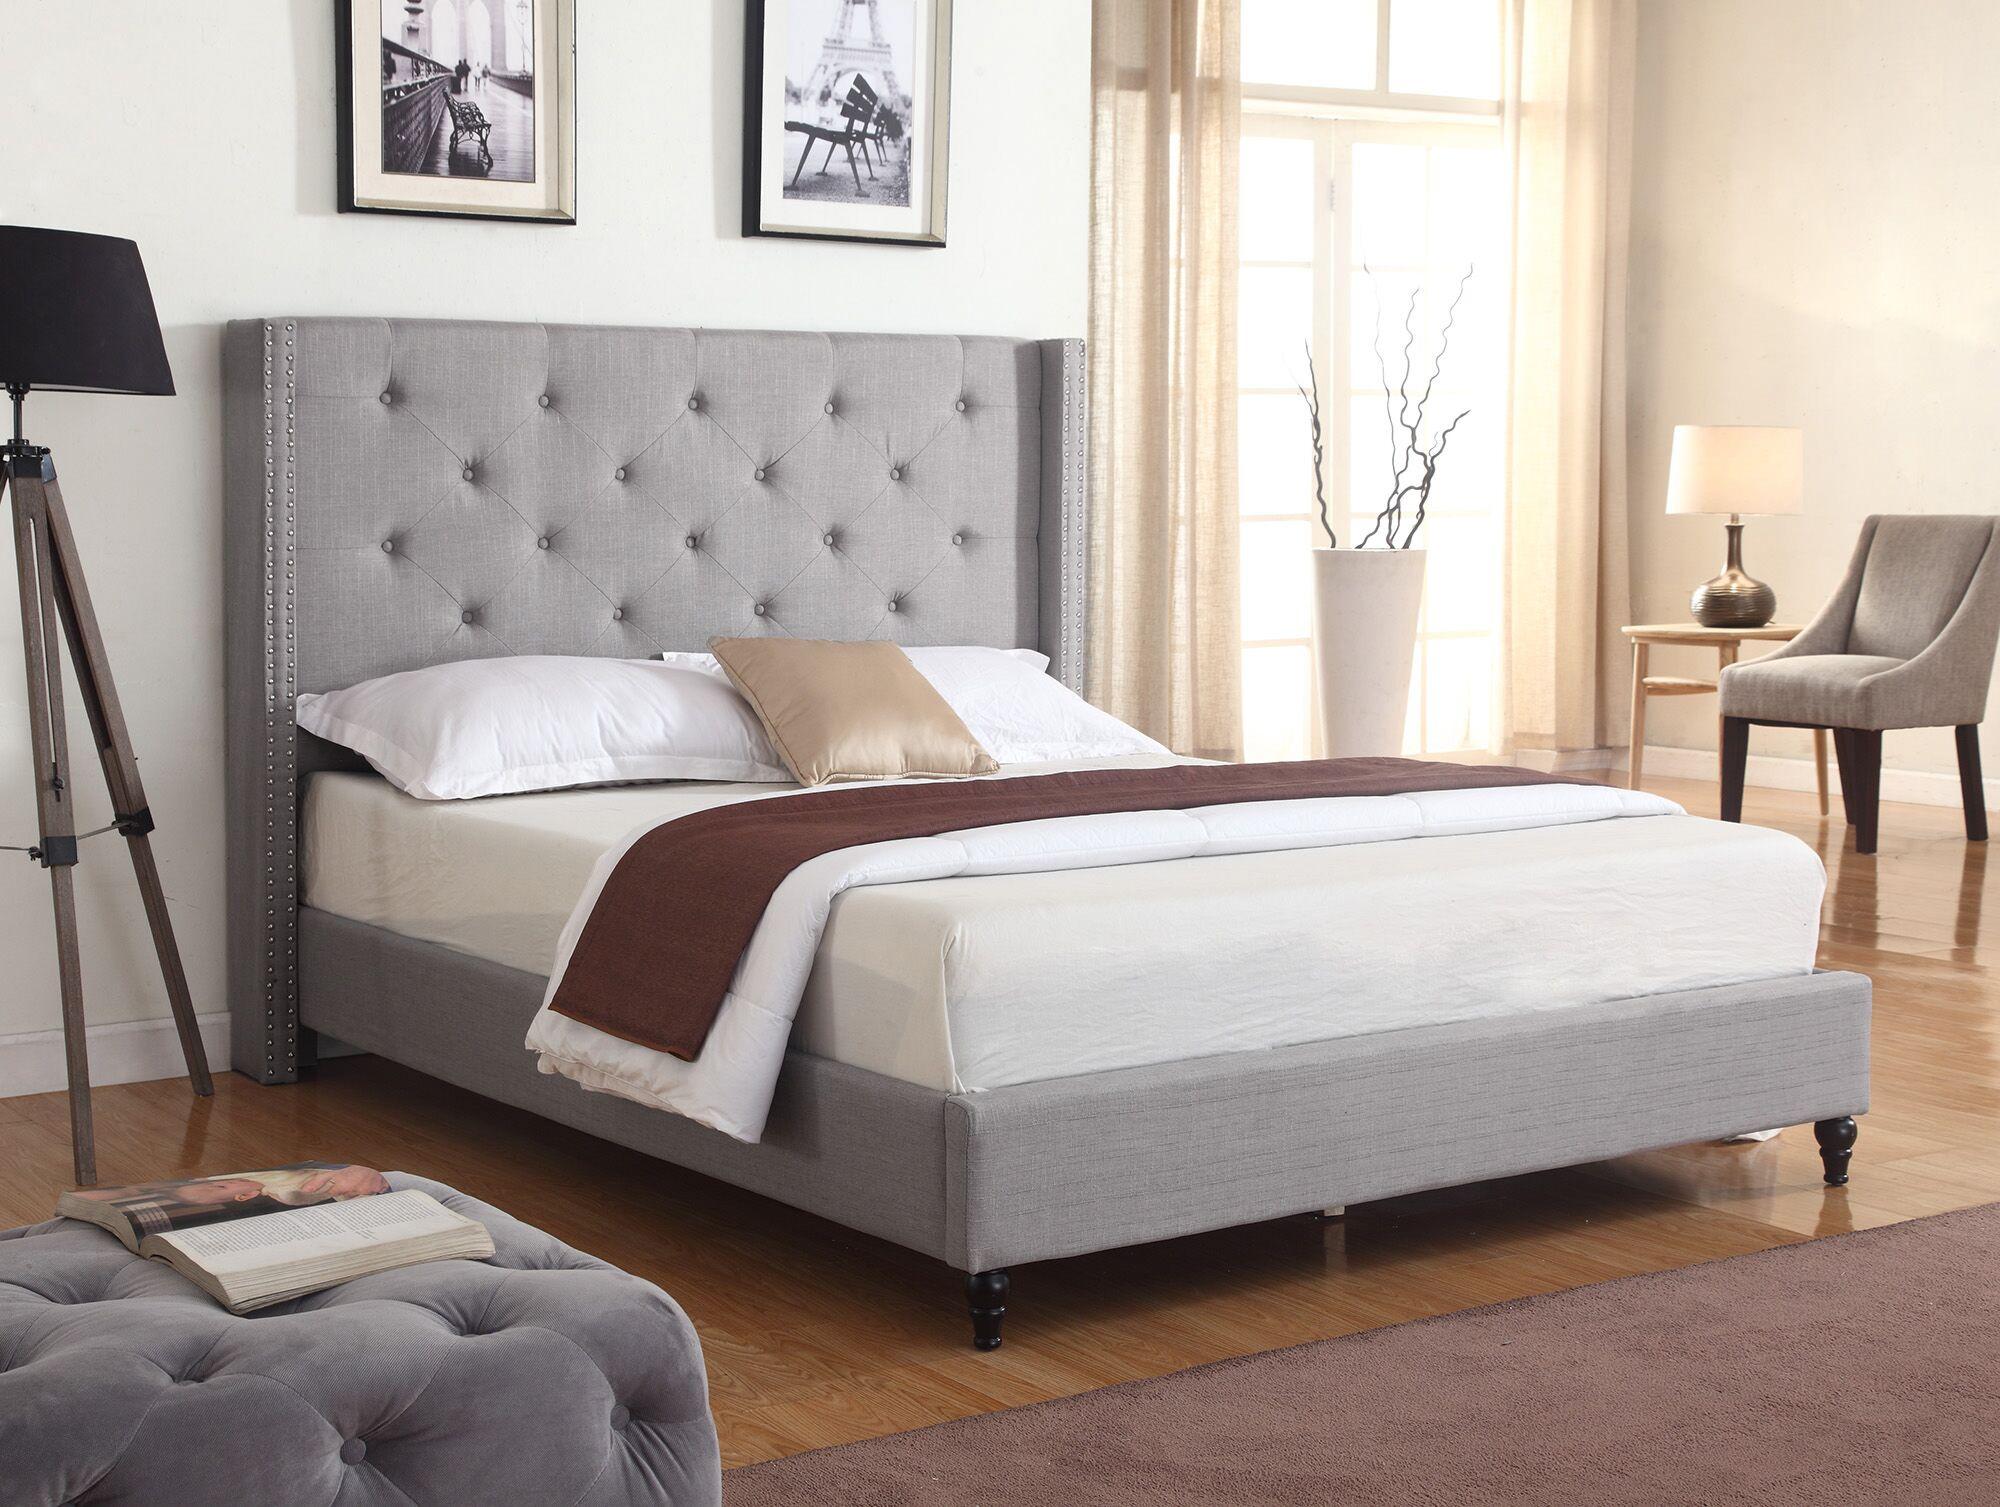 Priestley Upholstered Platform Bed Color: Gray, Size: King